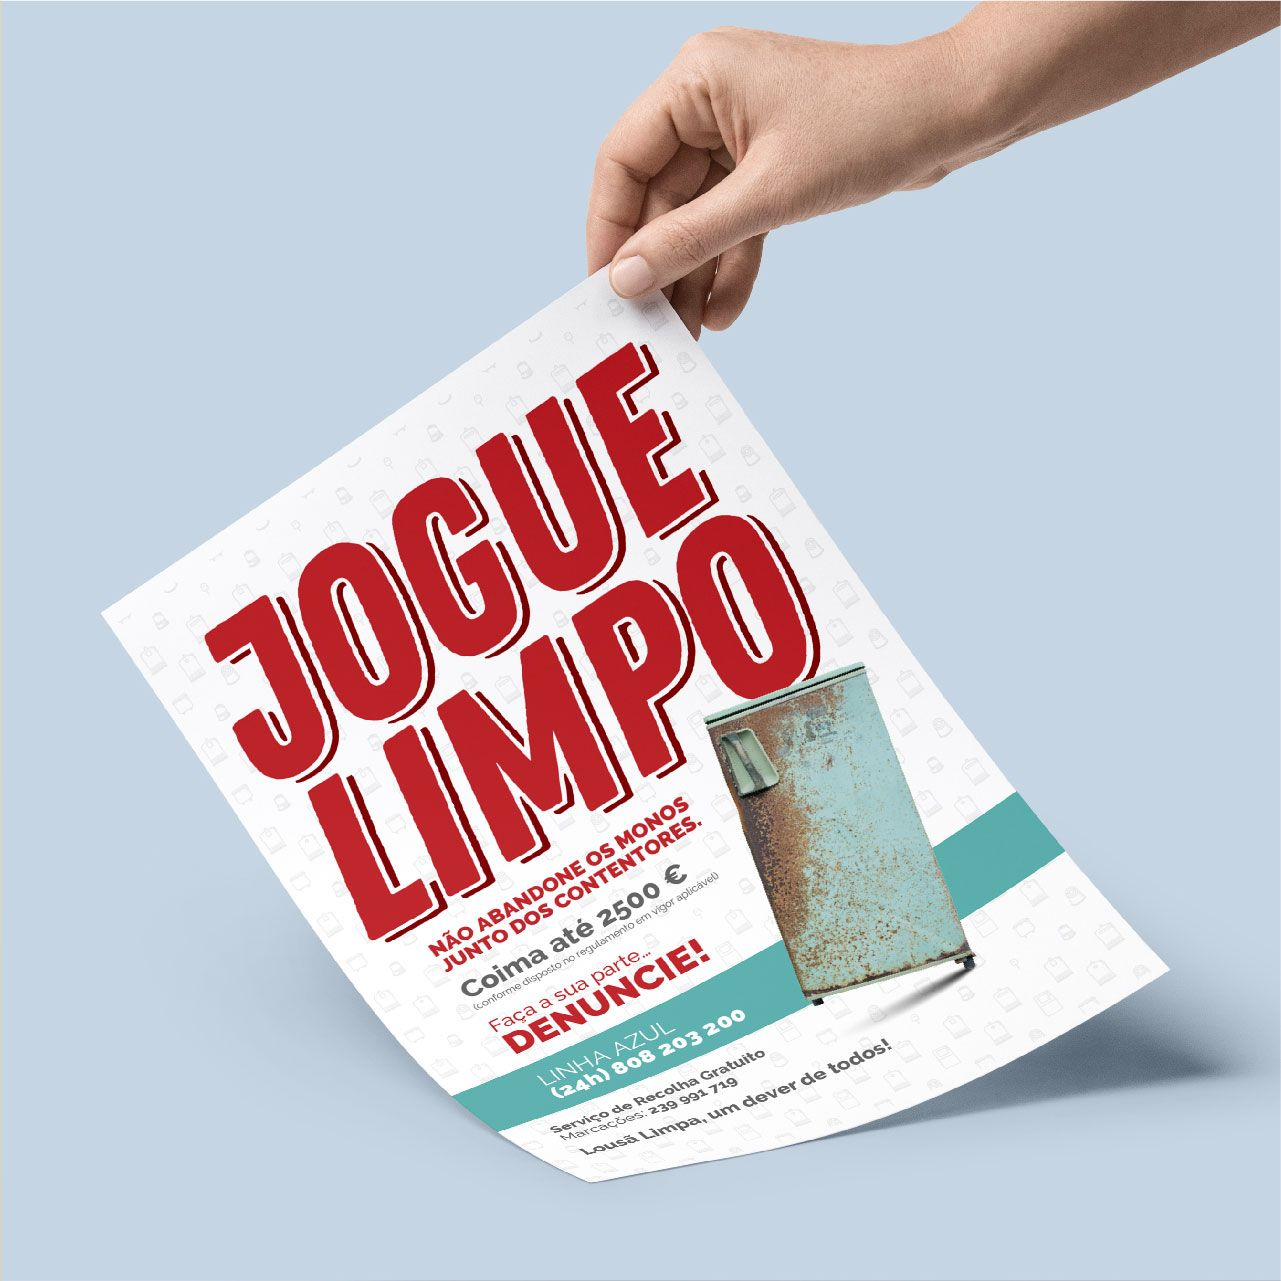 municipio_ourem_cenourem_cartaz